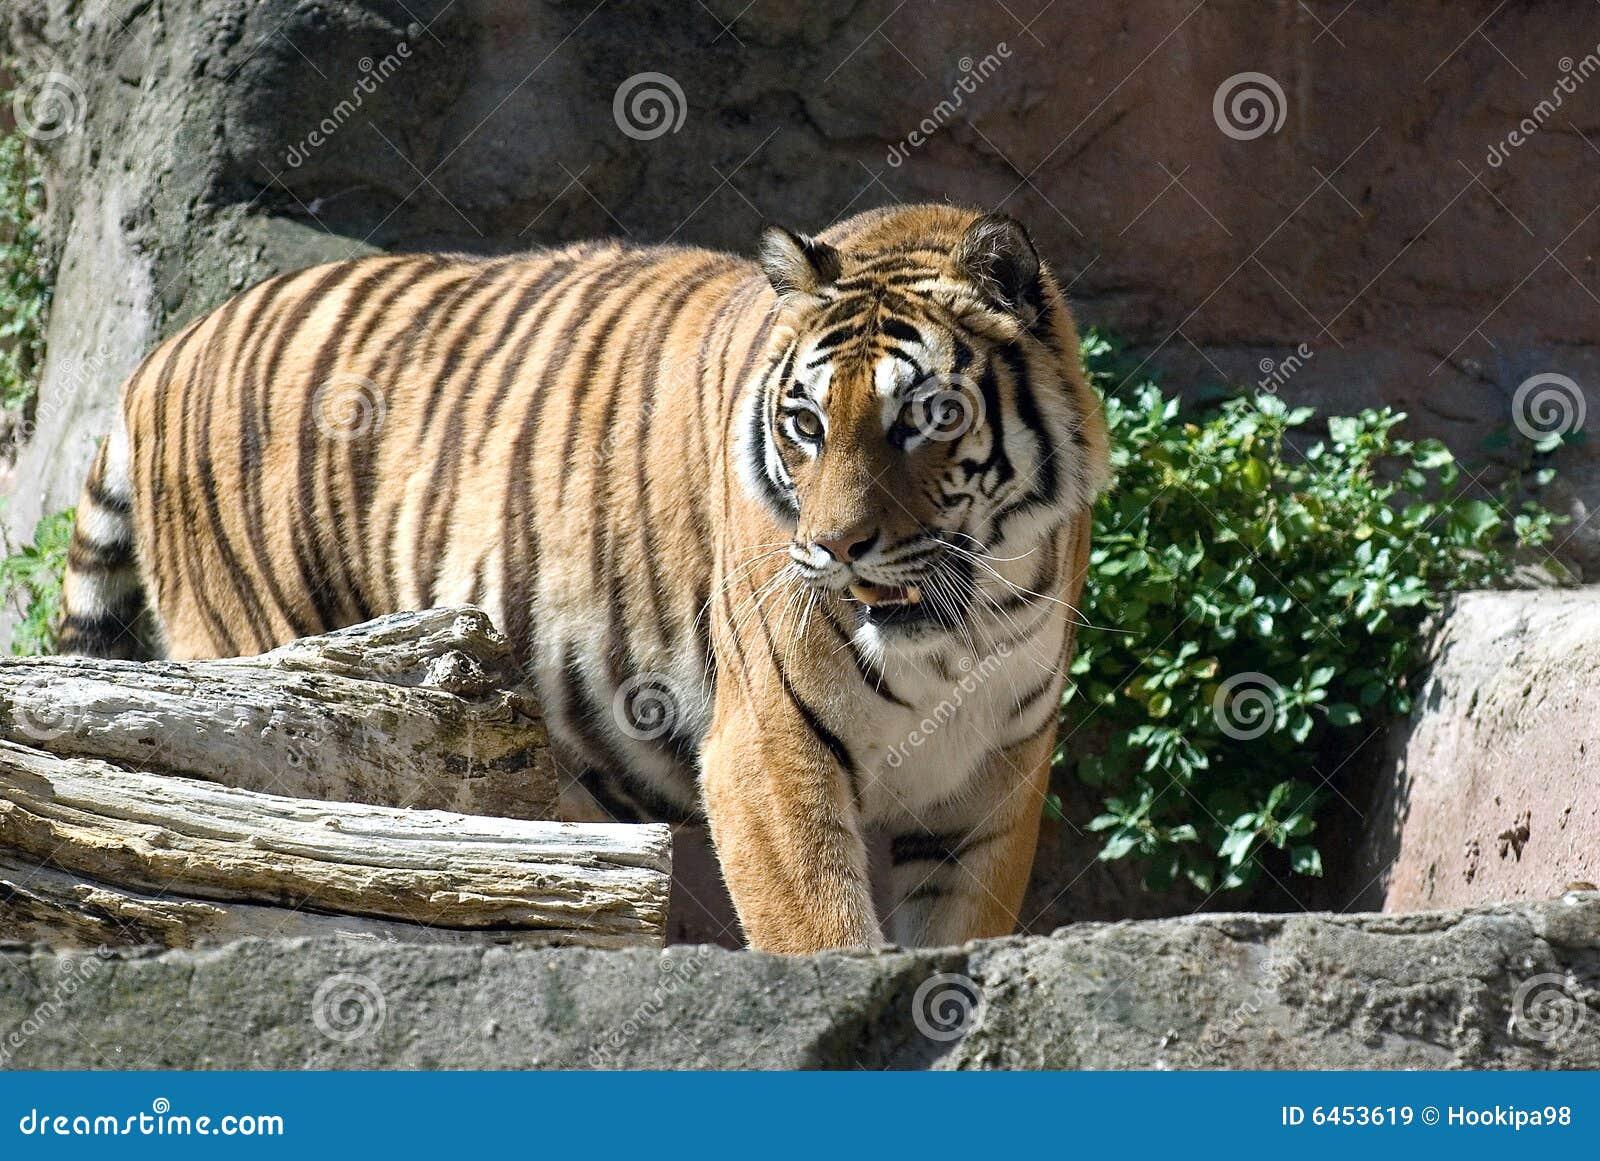 Tygrys do zoo